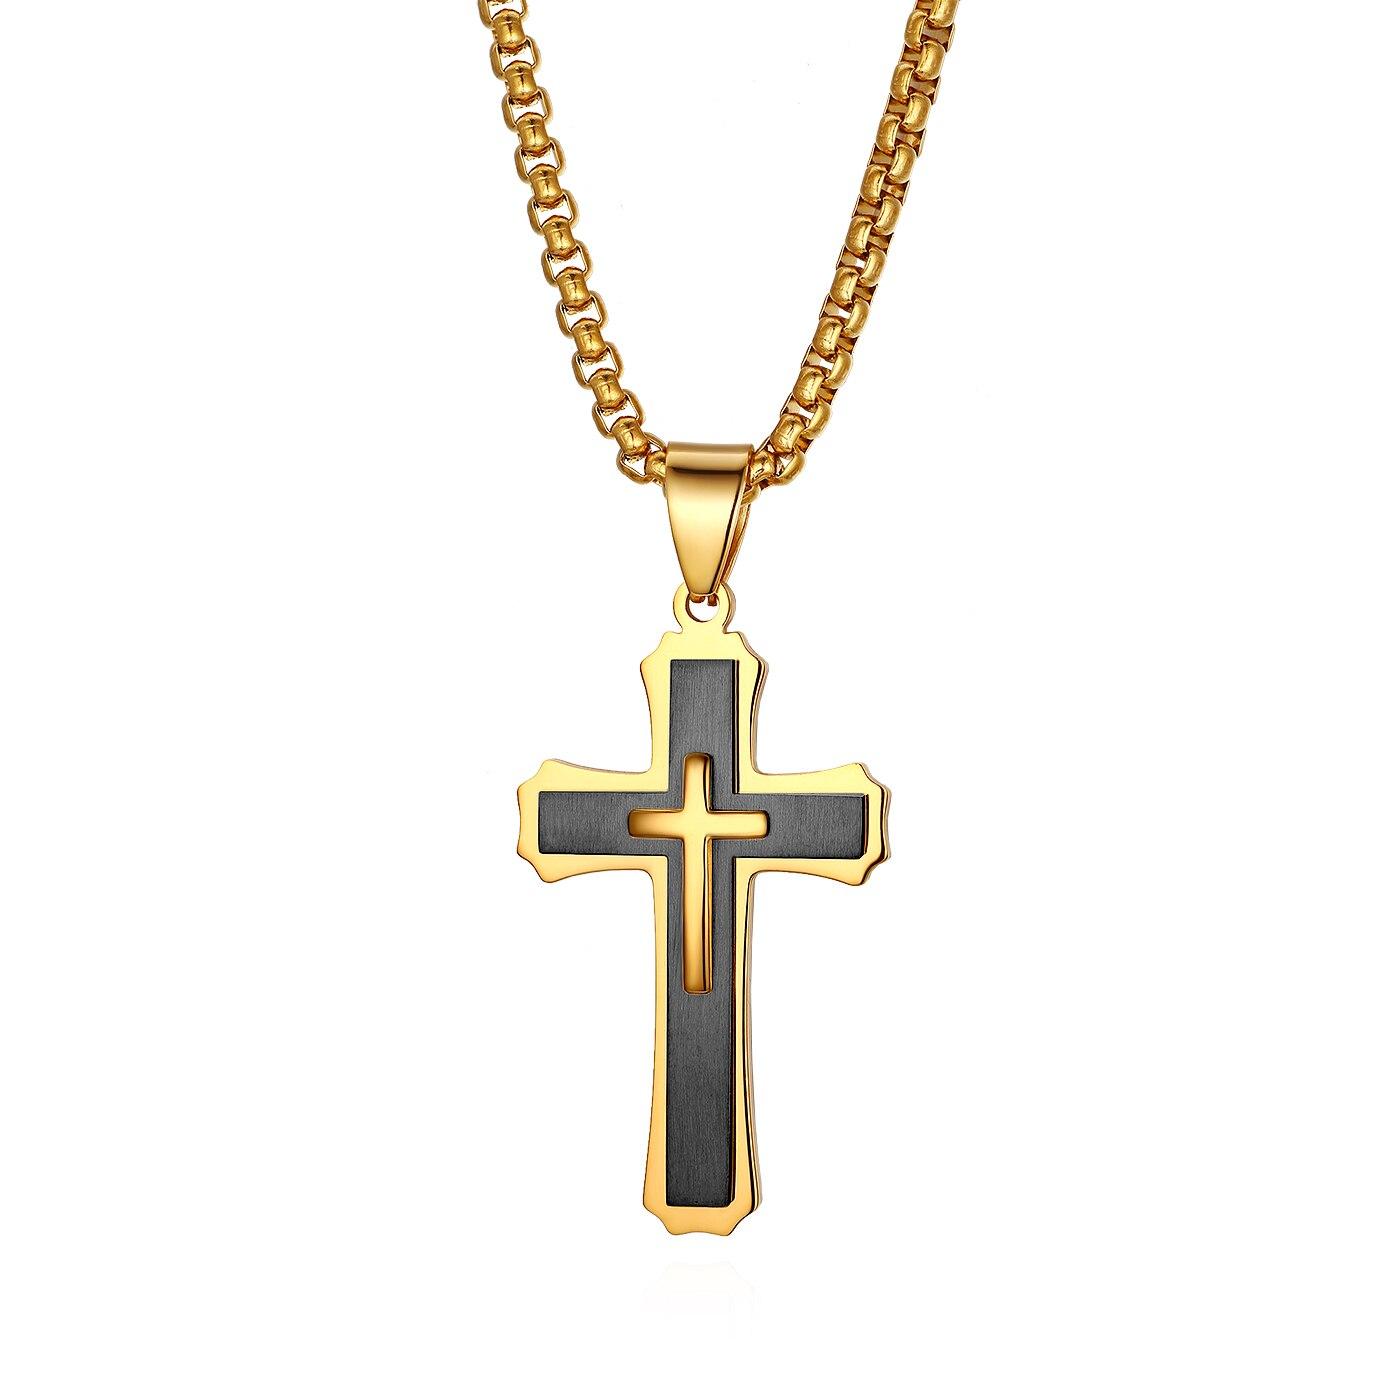 BONISKISS Crucifixo Páscoa Cruz Colar Dos Homens de Prata de Aço Inoxidável Único Macho Metal Suspensão Pingente Cadeia Gargantilha Colar